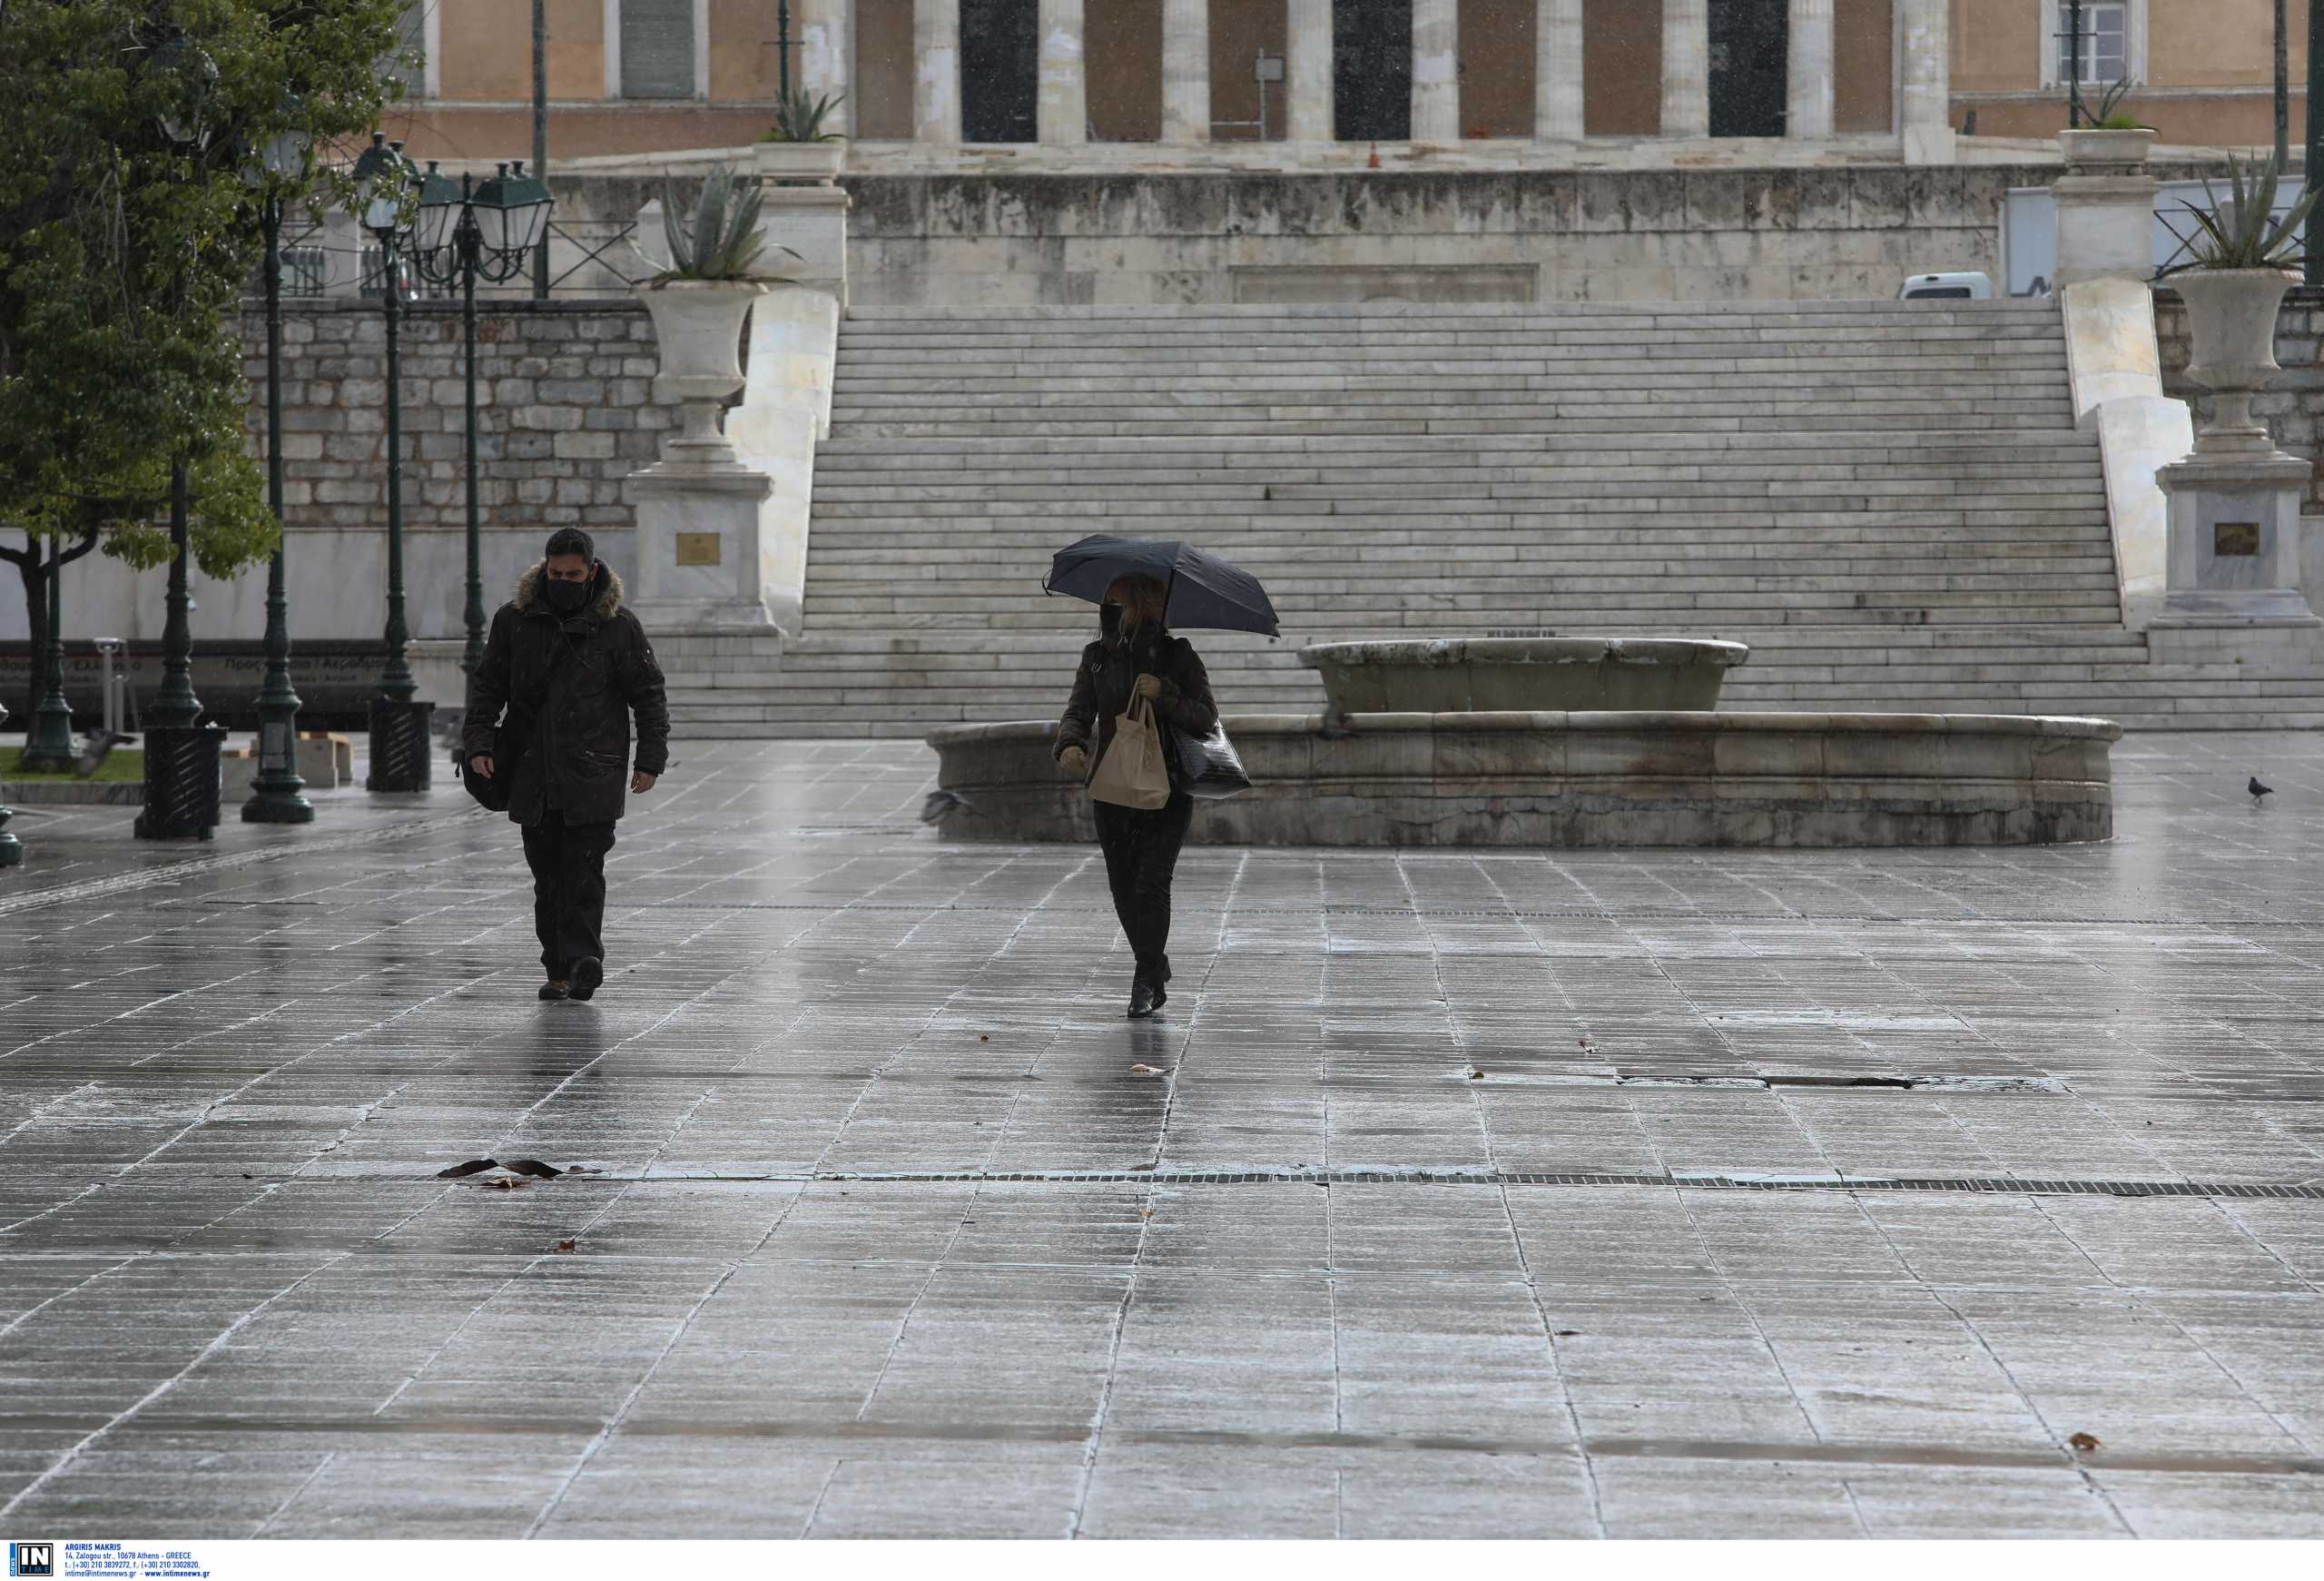 Καιρός αύριο: Βροχές και παγωνιά – Πού θα χιονίσει